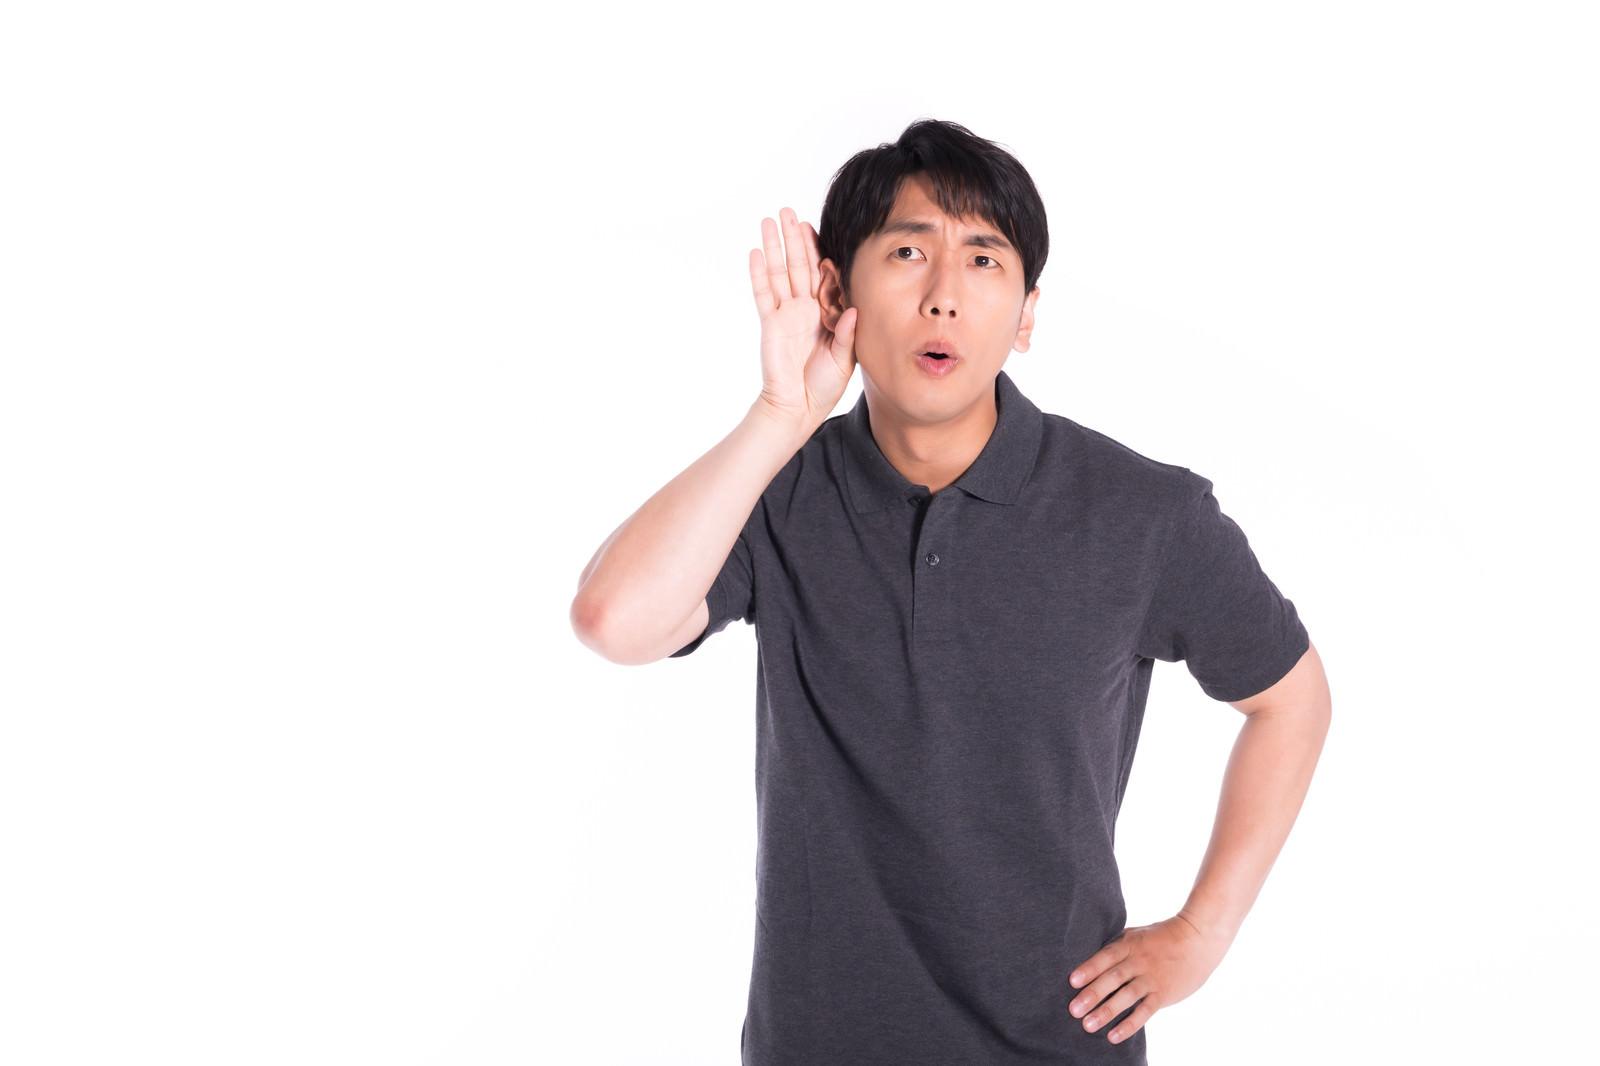 「内緒話に耳を傾ける男性」の写真[モデル:大川竜弥]